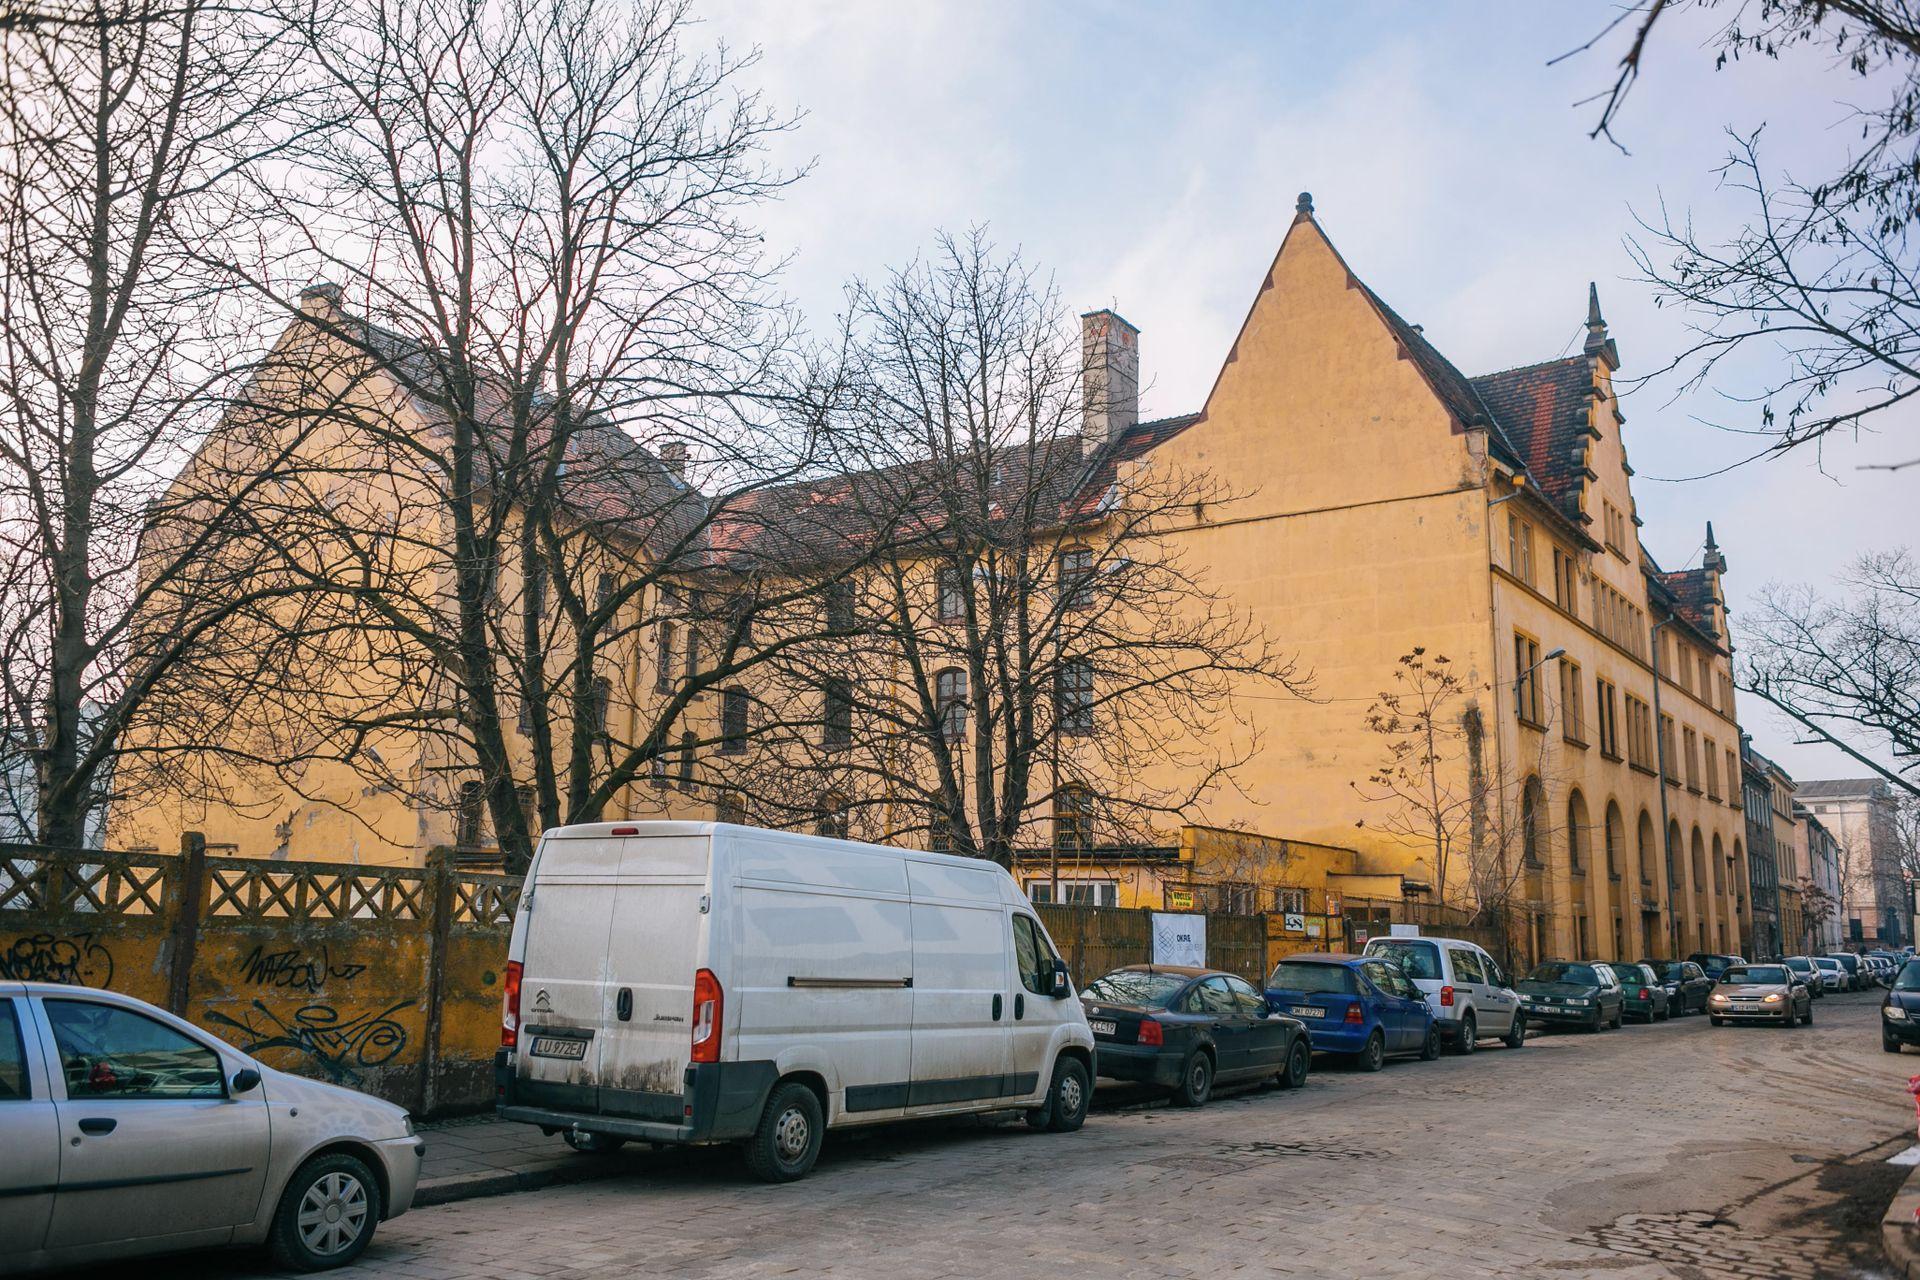 [Wrocław] Urząd celny, spichlerz, piekarnia. Nowe inwestycje w zabytkowych budynkach przy Księcia Witolda